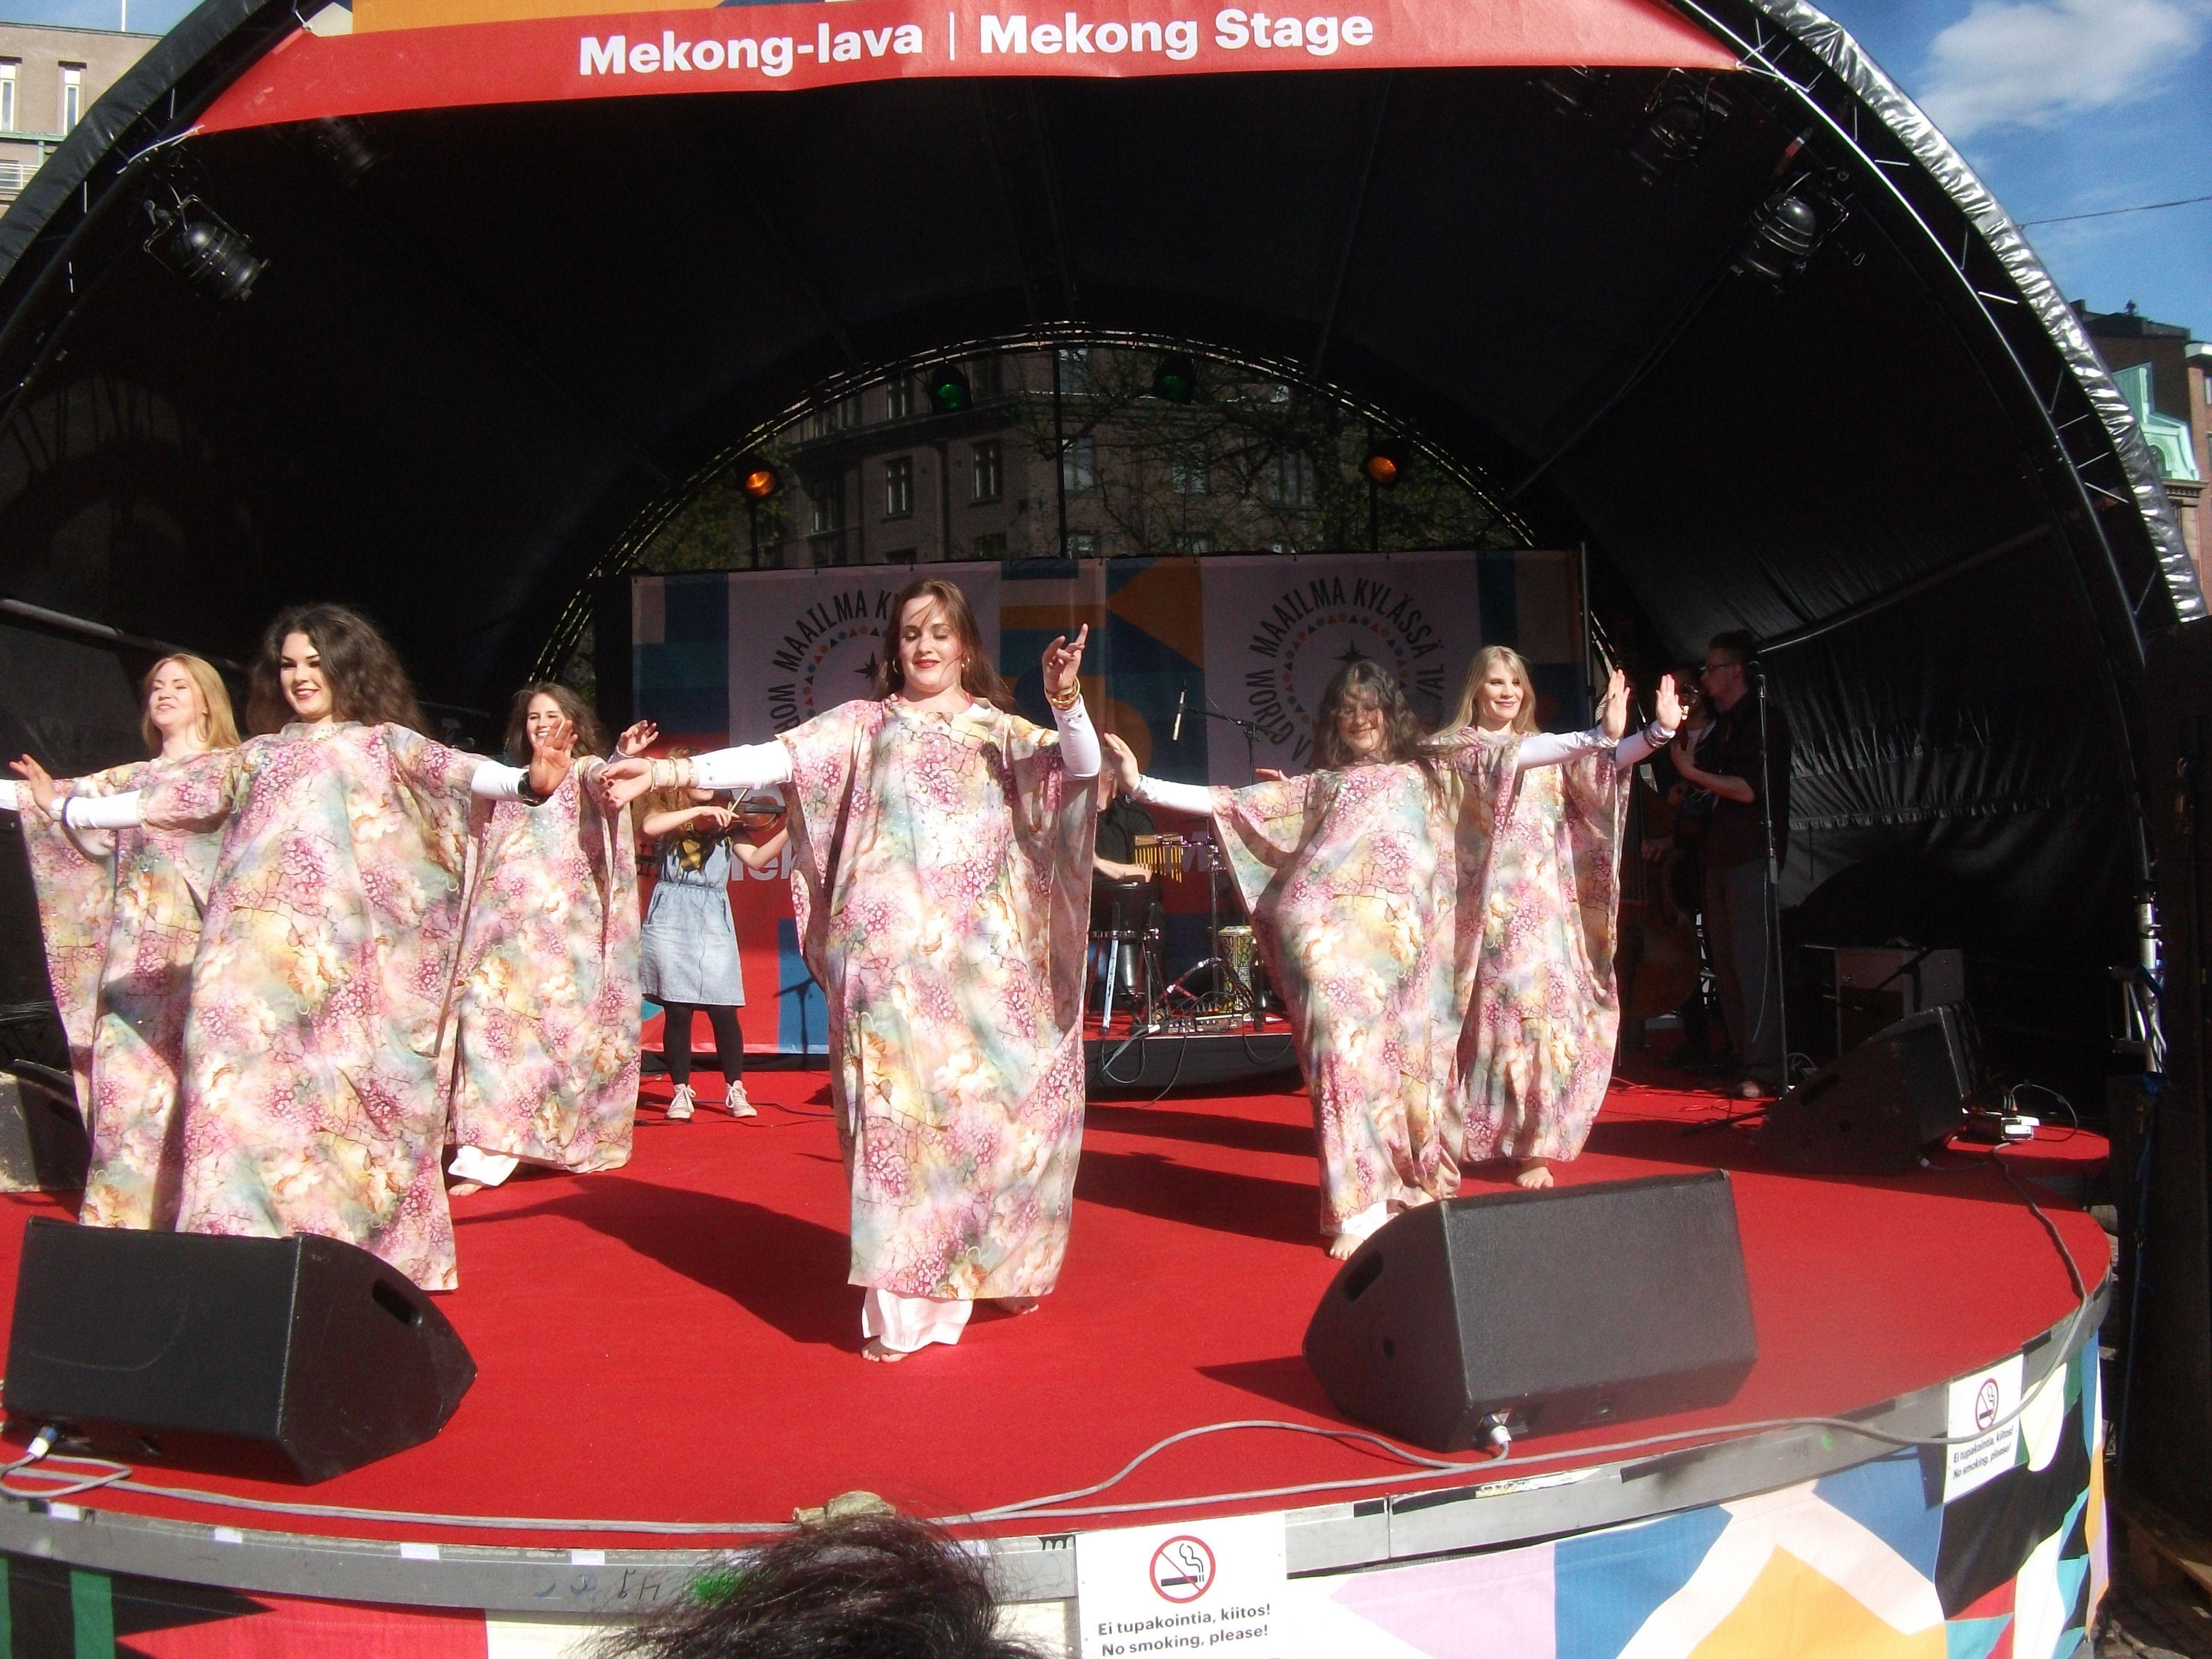 Tanssi-esitys rautatientorin lava